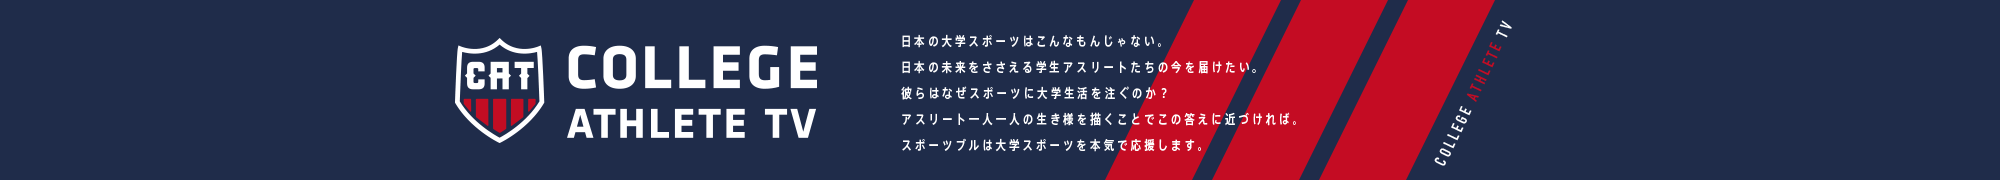 『箱根0区』ともうたわれる、大みそかの早大長距離競技会――通称『漢祭り』が31日に行われた。その日の1万メートルで学内最高タイムを記録した選手が、その年の『漢』の称号を手にする。2…